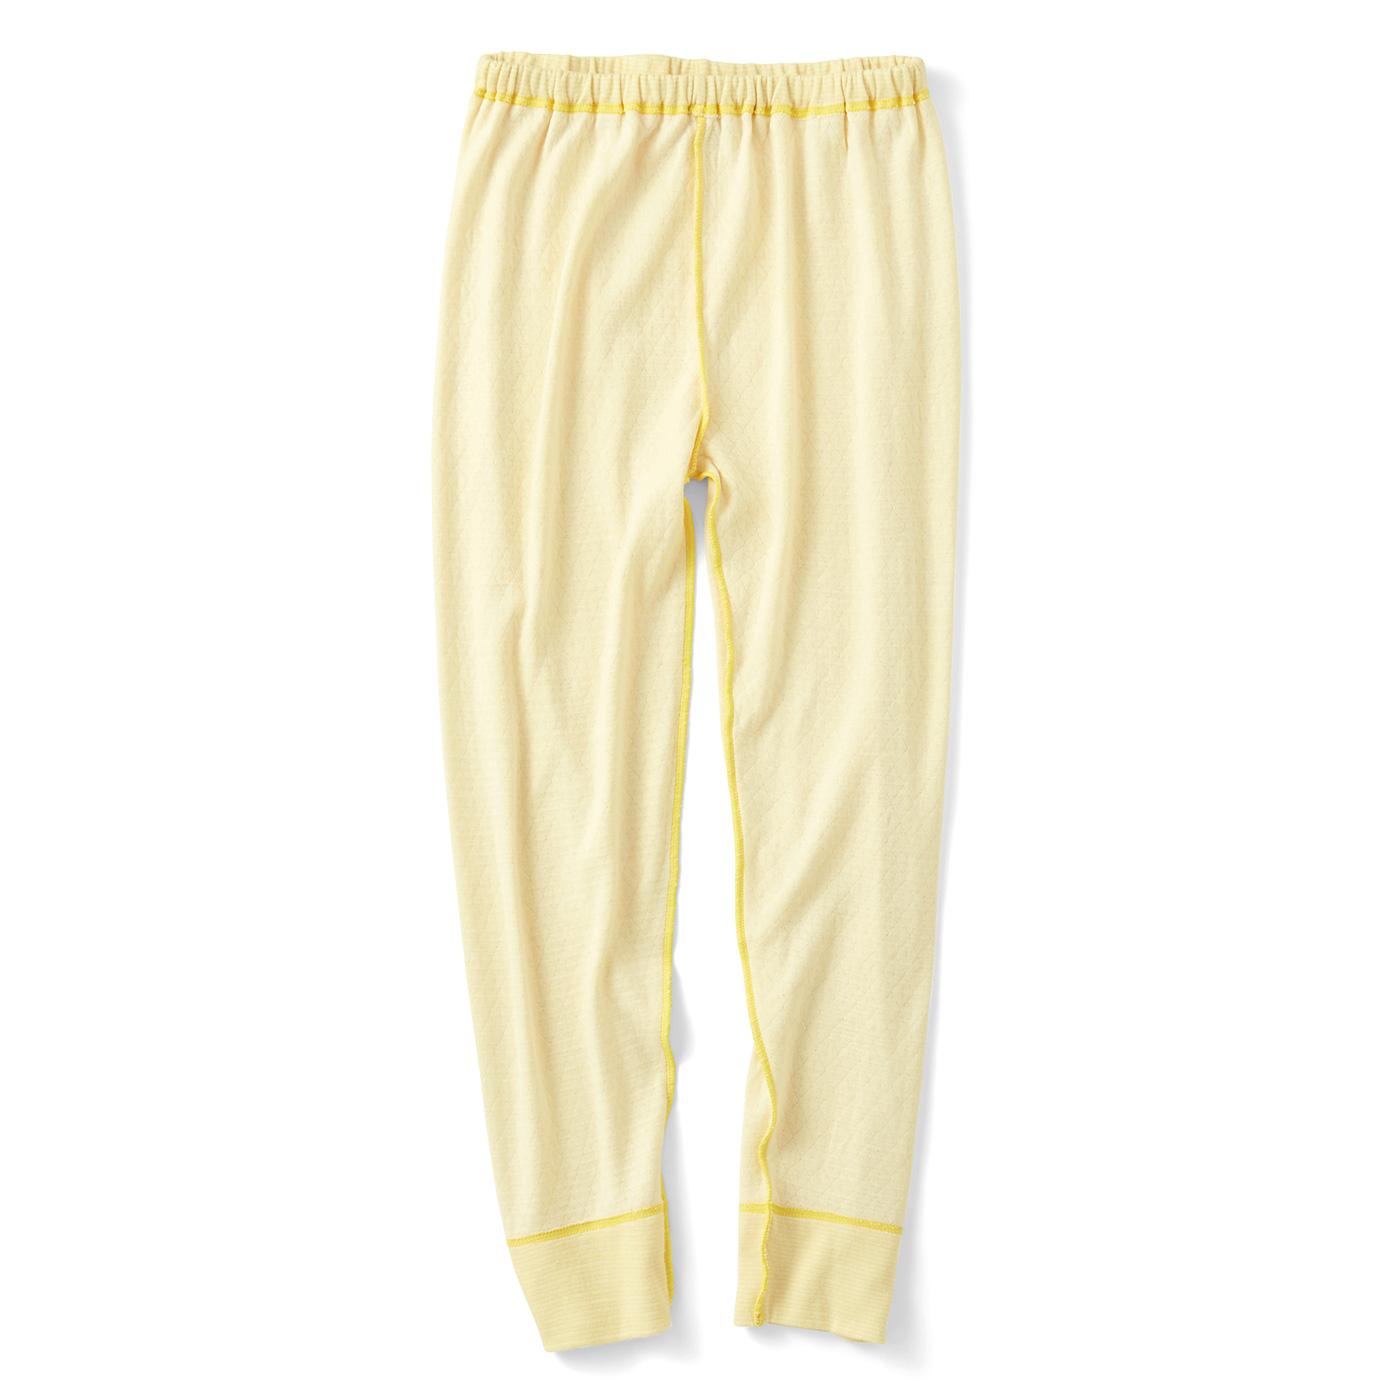 あたたか習慣 パジャマに着るおやすみインナー〈レギンス〉の会(3回限定コレクション)